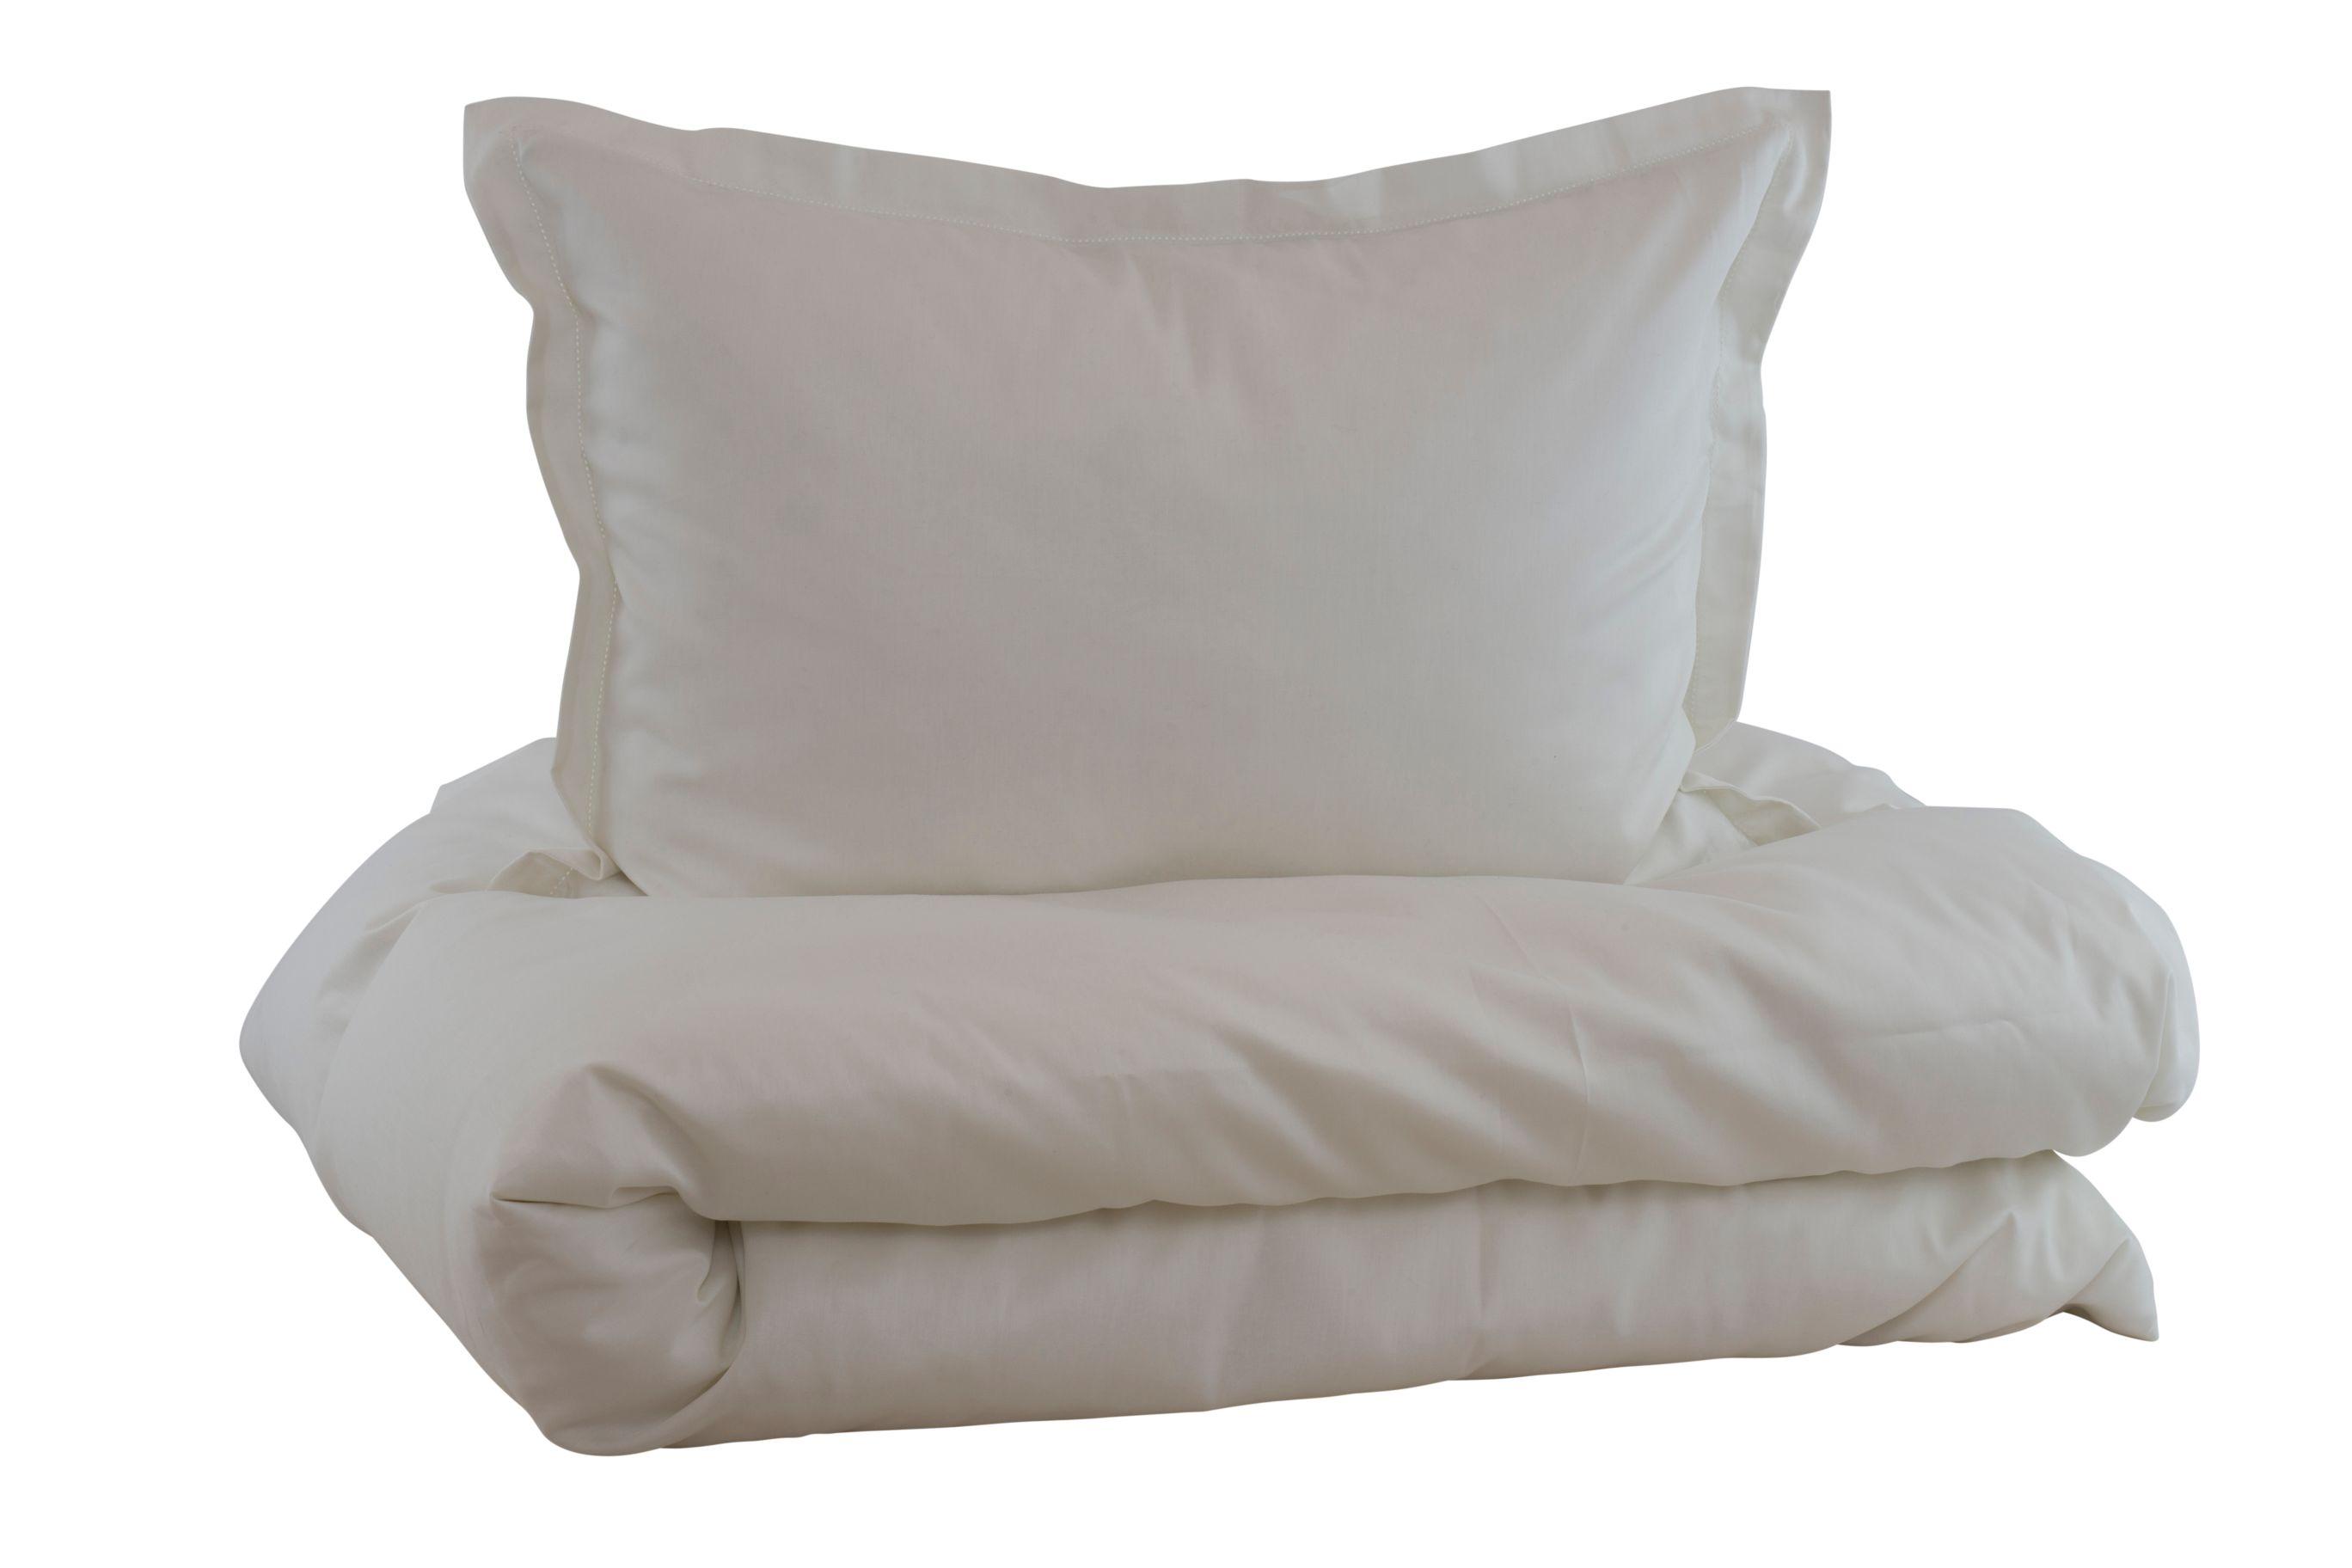 Borås Grand sengelinned, 140x220 cm, white sand